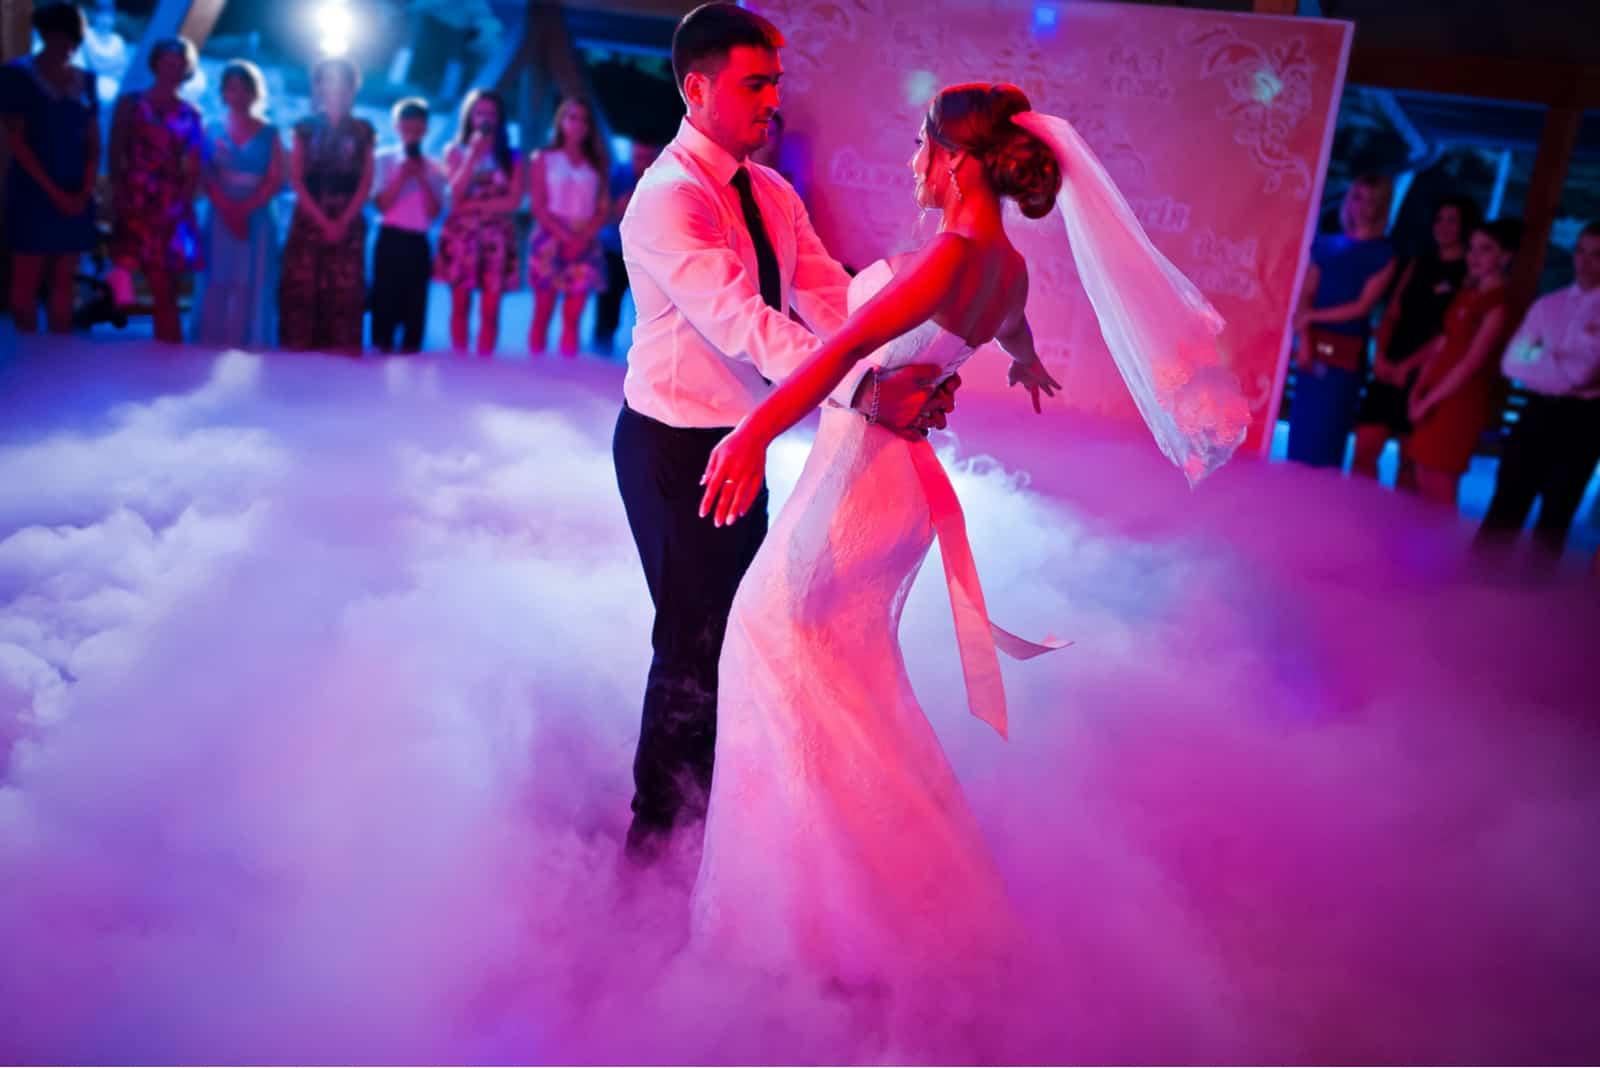 Erstaunlicher erster Hochzeitstanz auf starkem Rauch